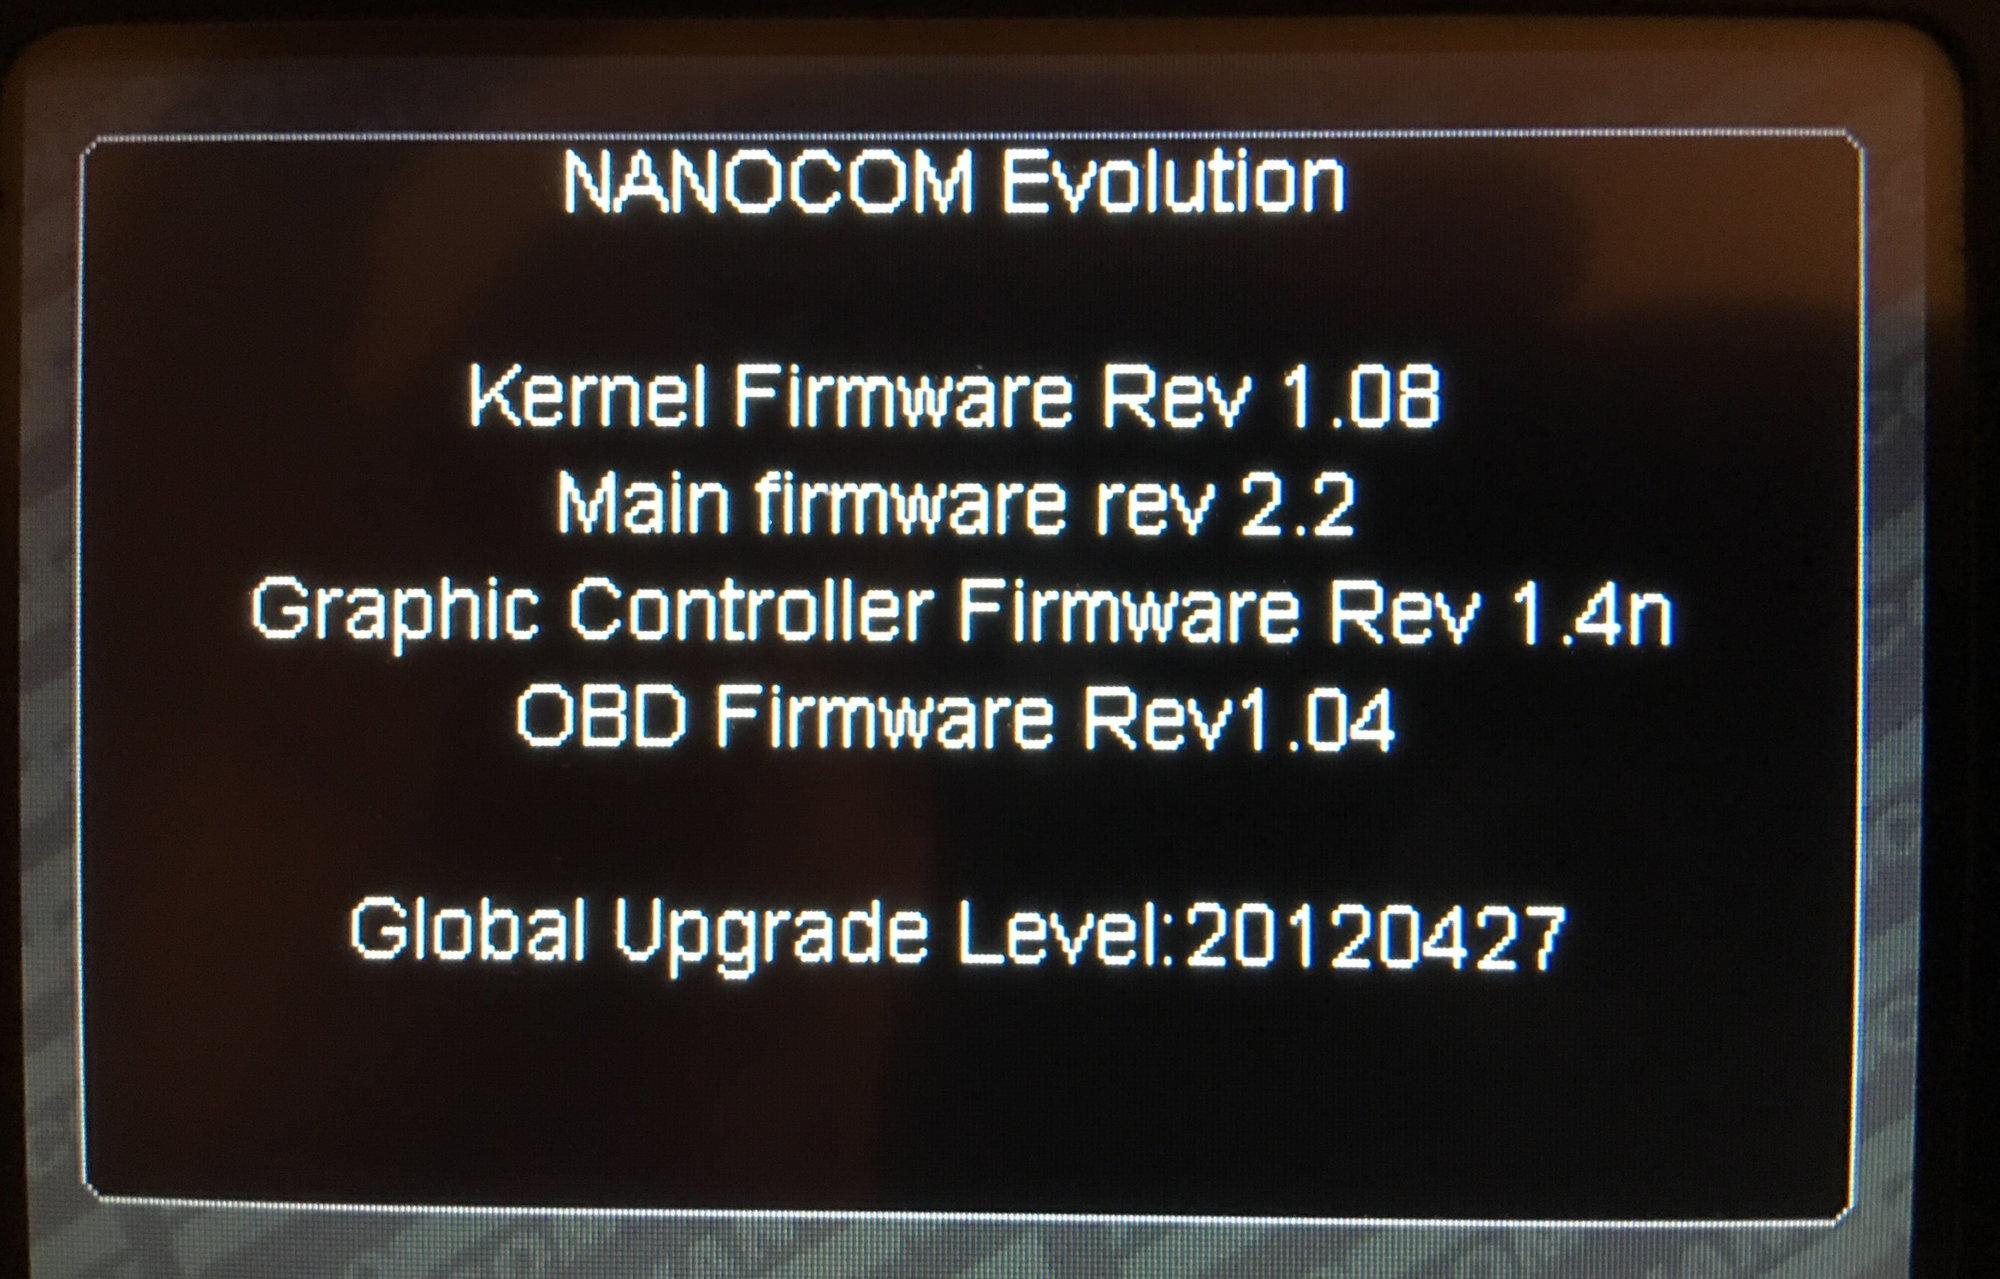 Nanocom